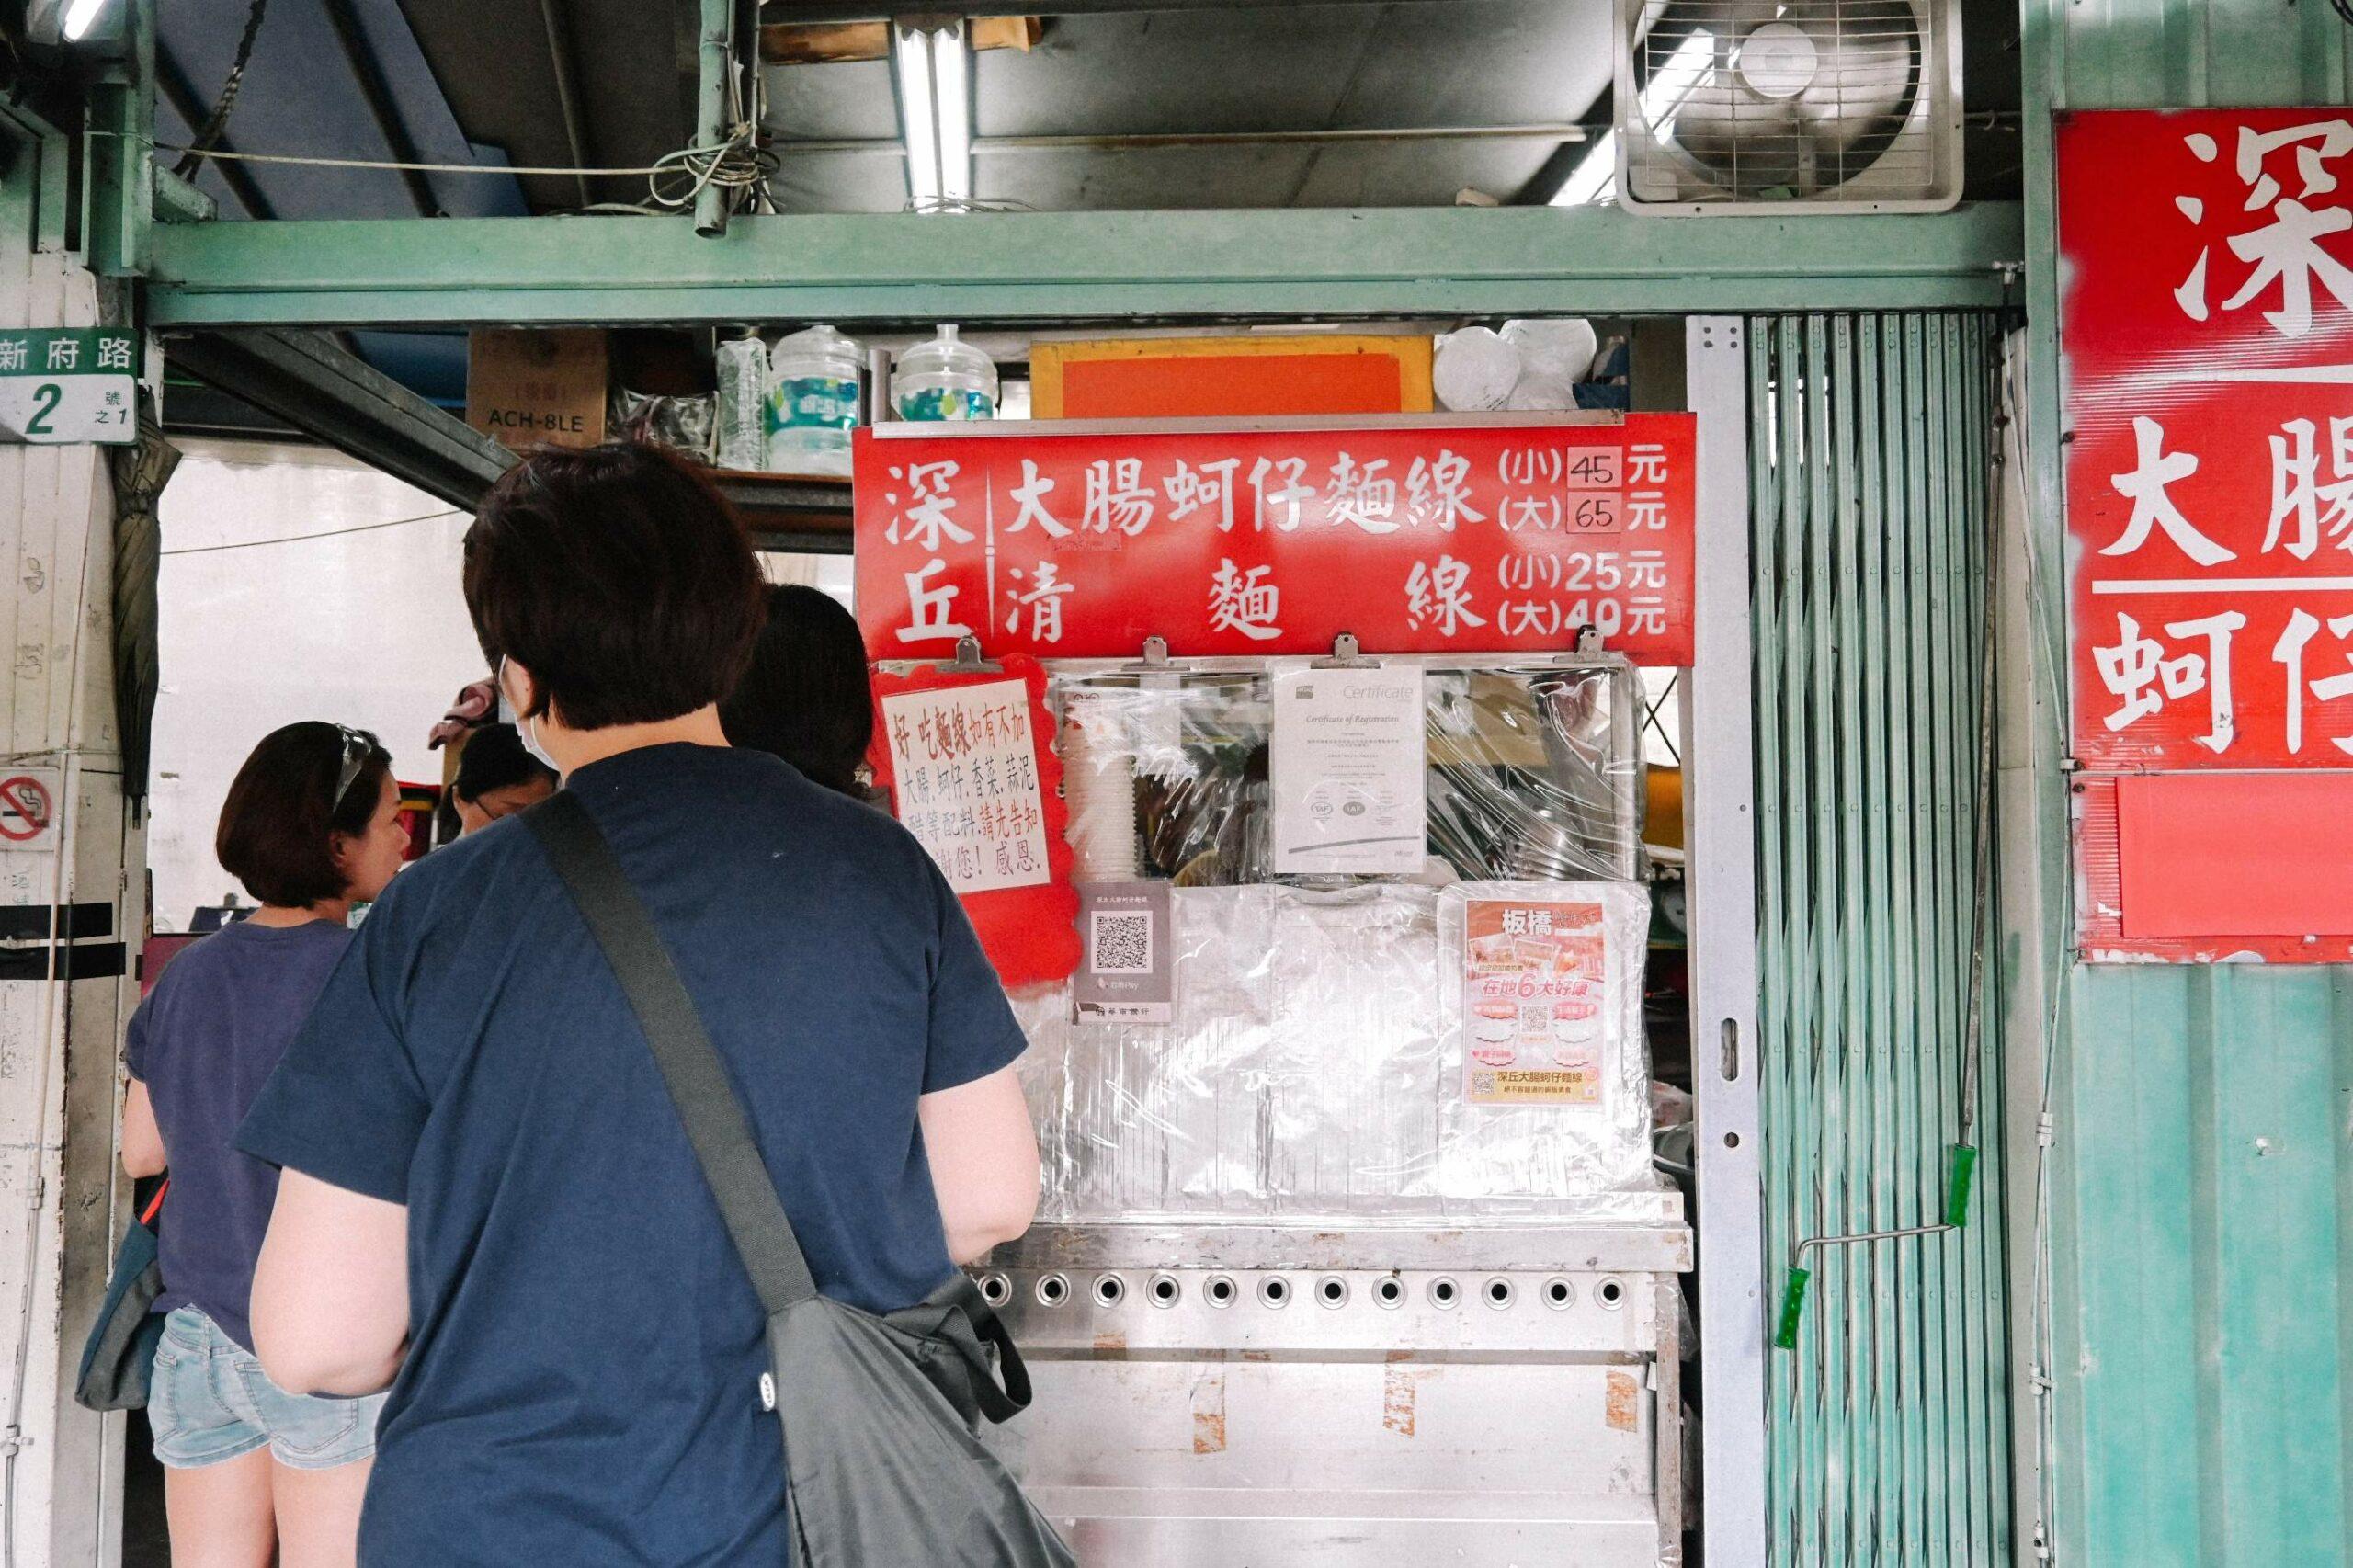 深丘大腸蚵仔麵線:板橋人的心頭好,大腸蚵仔料多實在加點辣更美味【板橋小吃】 @女子的休假計劃